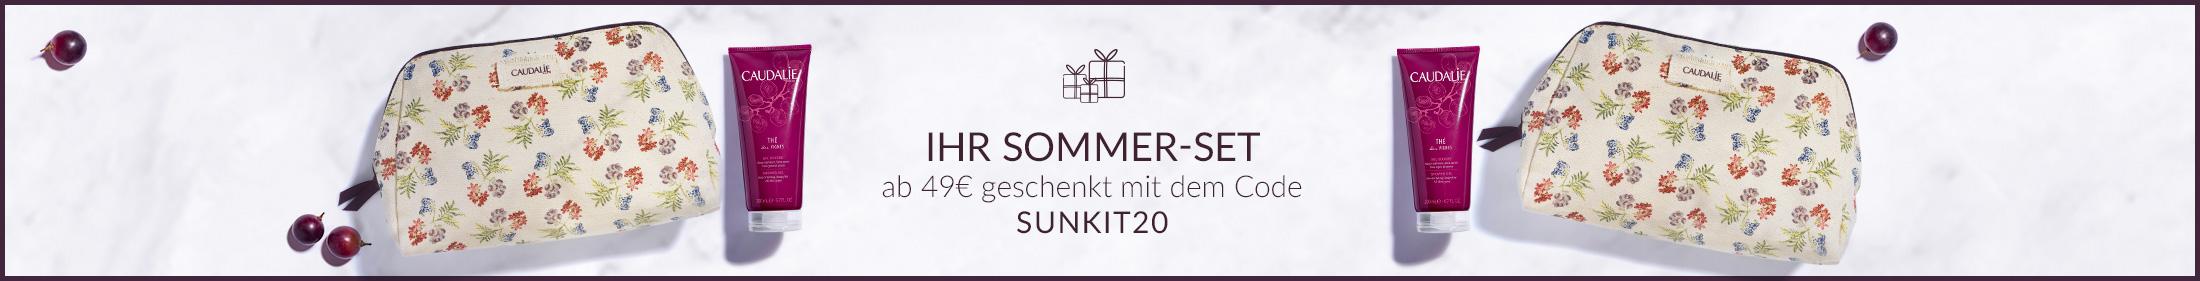 SUNKIT20